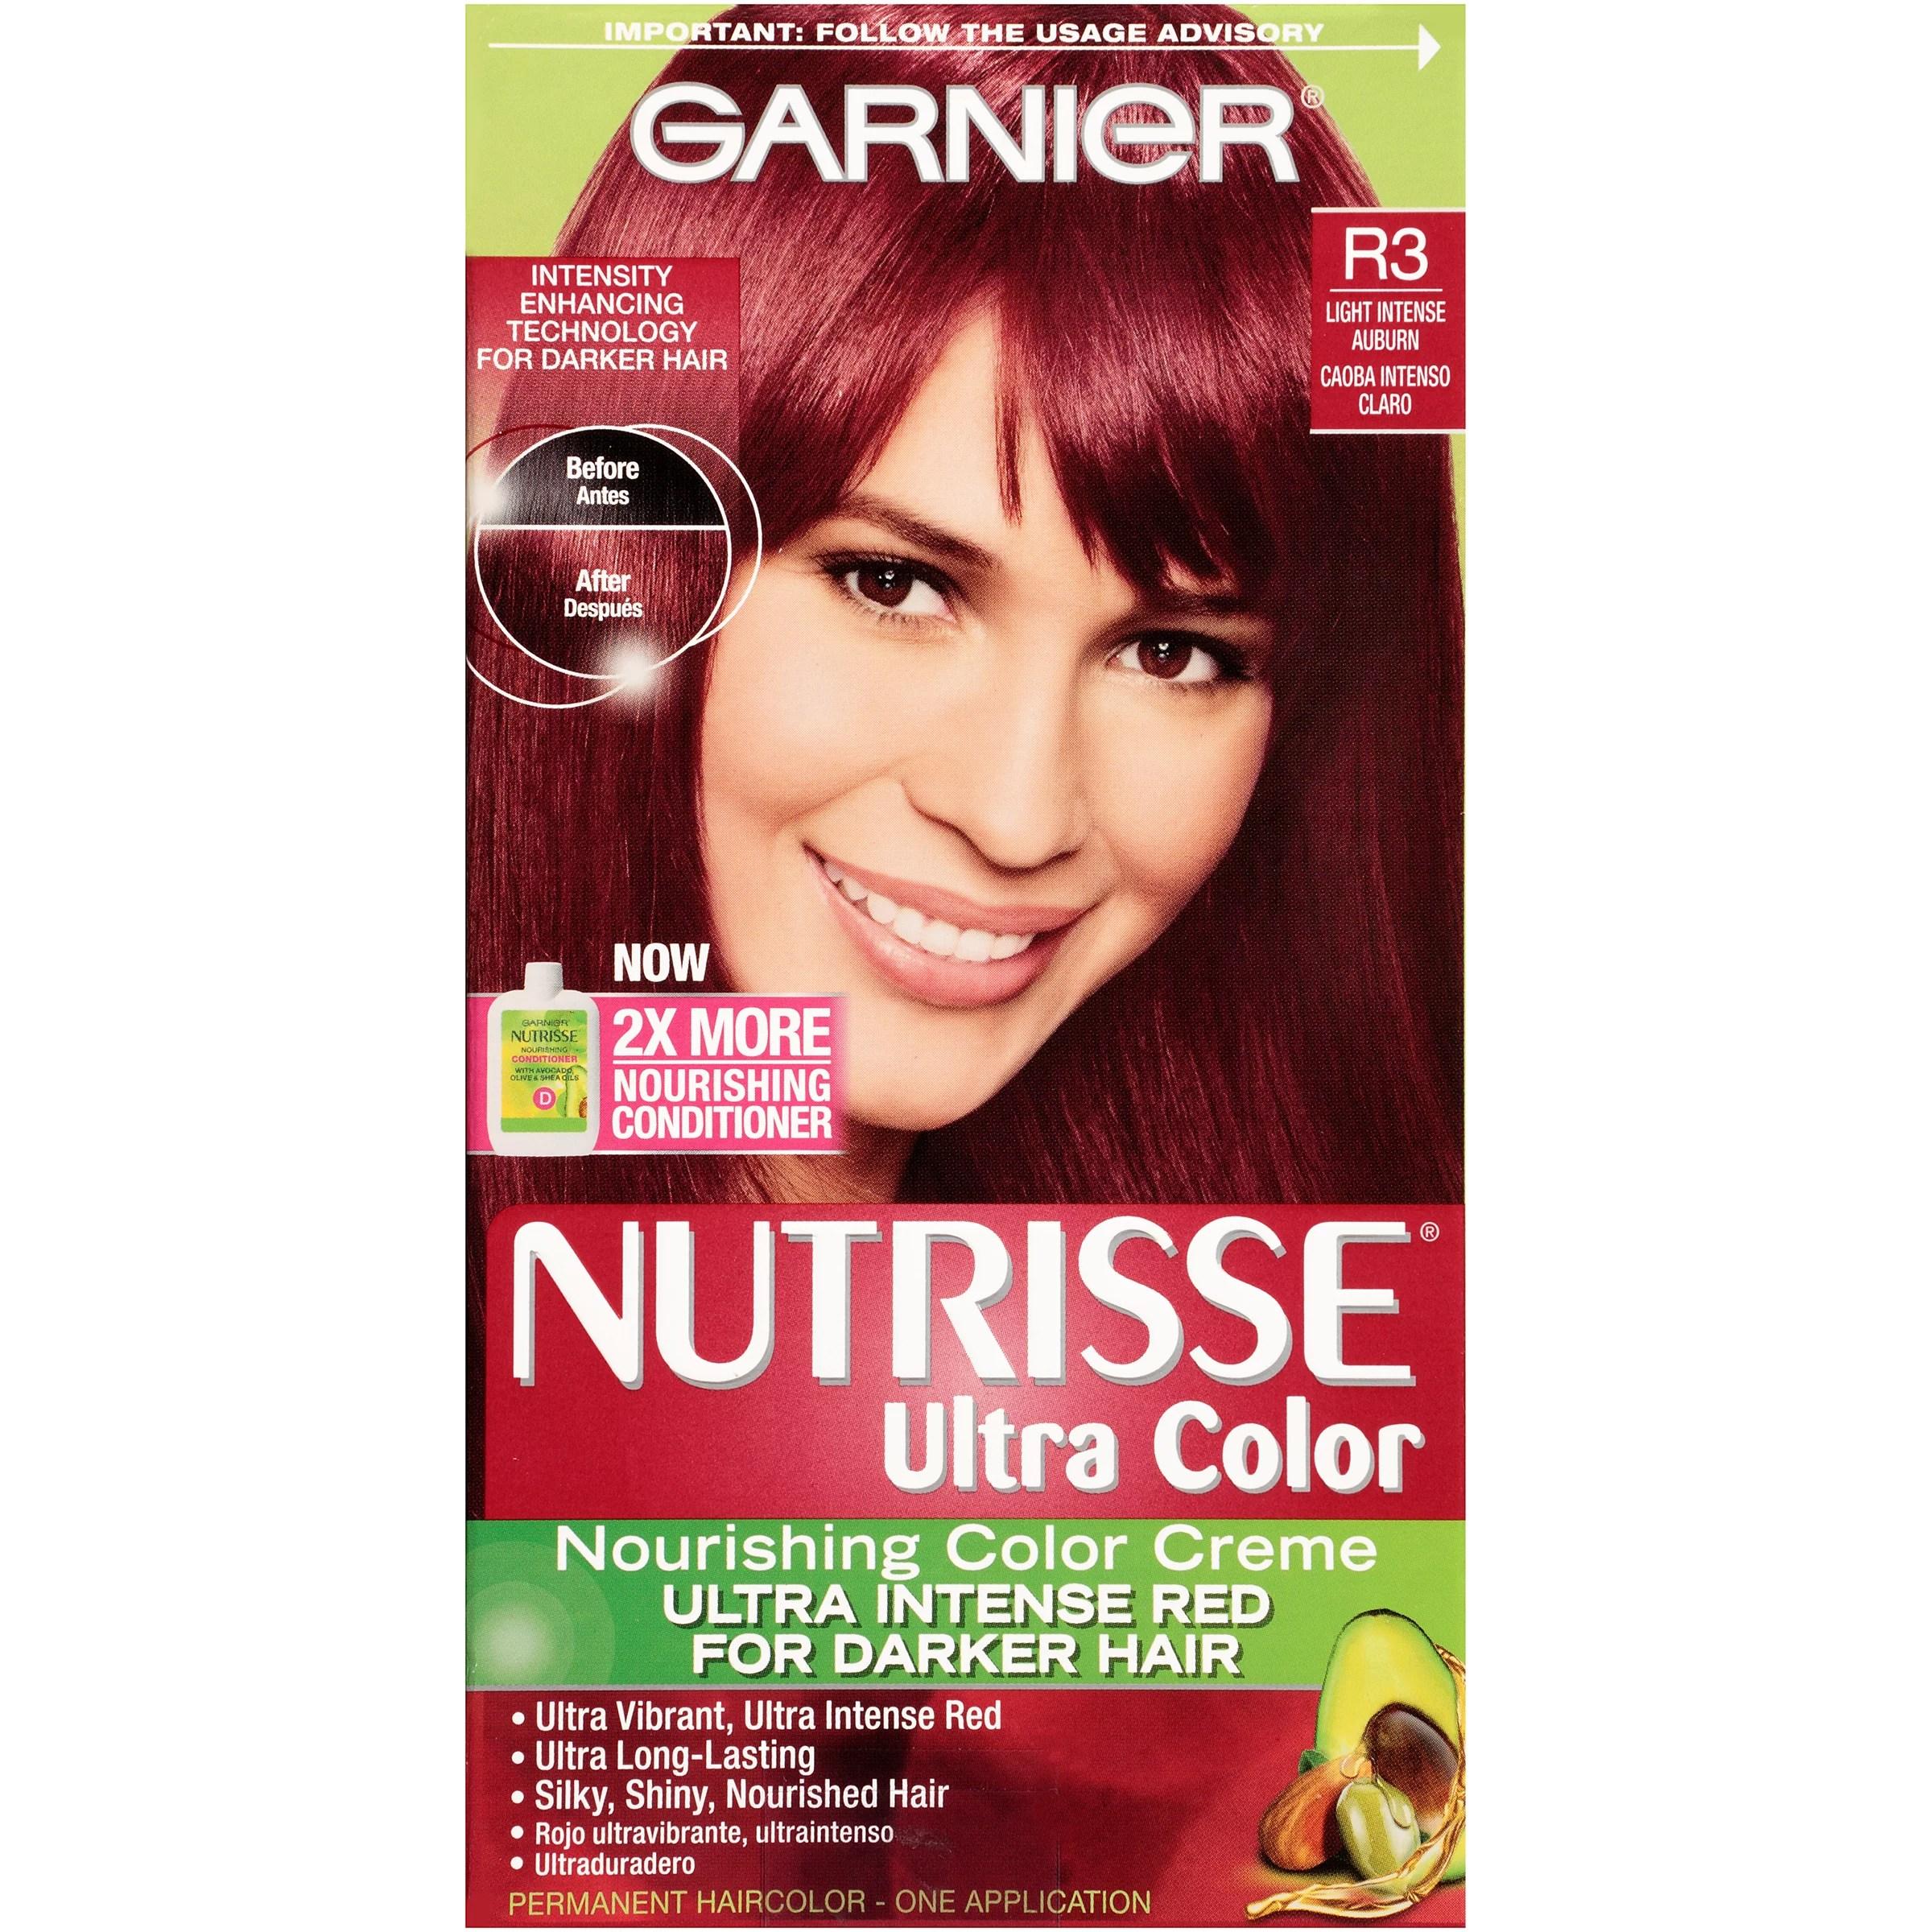 garnier nutrisse ultra color nourishing